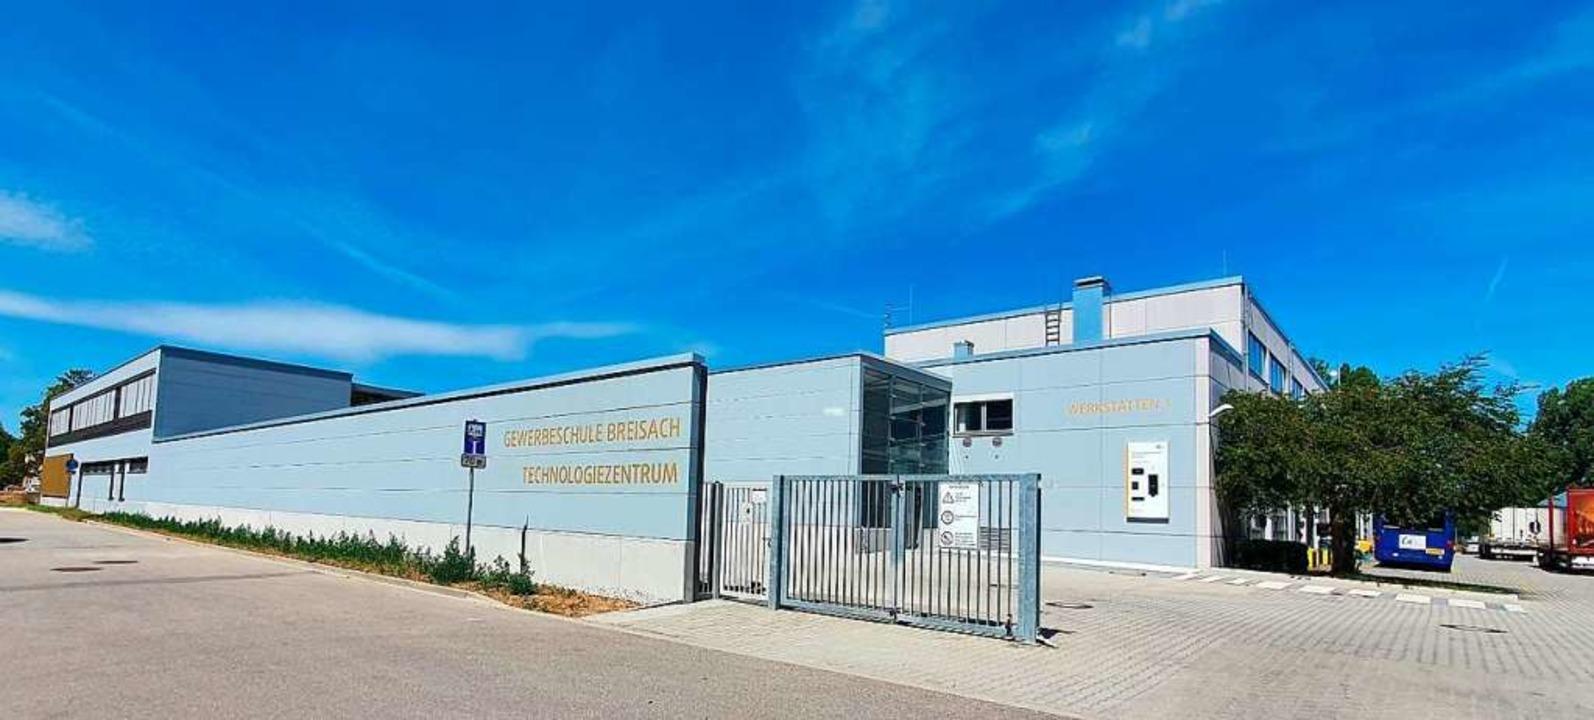 Nach fünf Jahren Bauzeit wurde das Tec...Gewerbeschule Breisach fertiggestellt.  | Foto: Julius Wilhelm Steckmeister